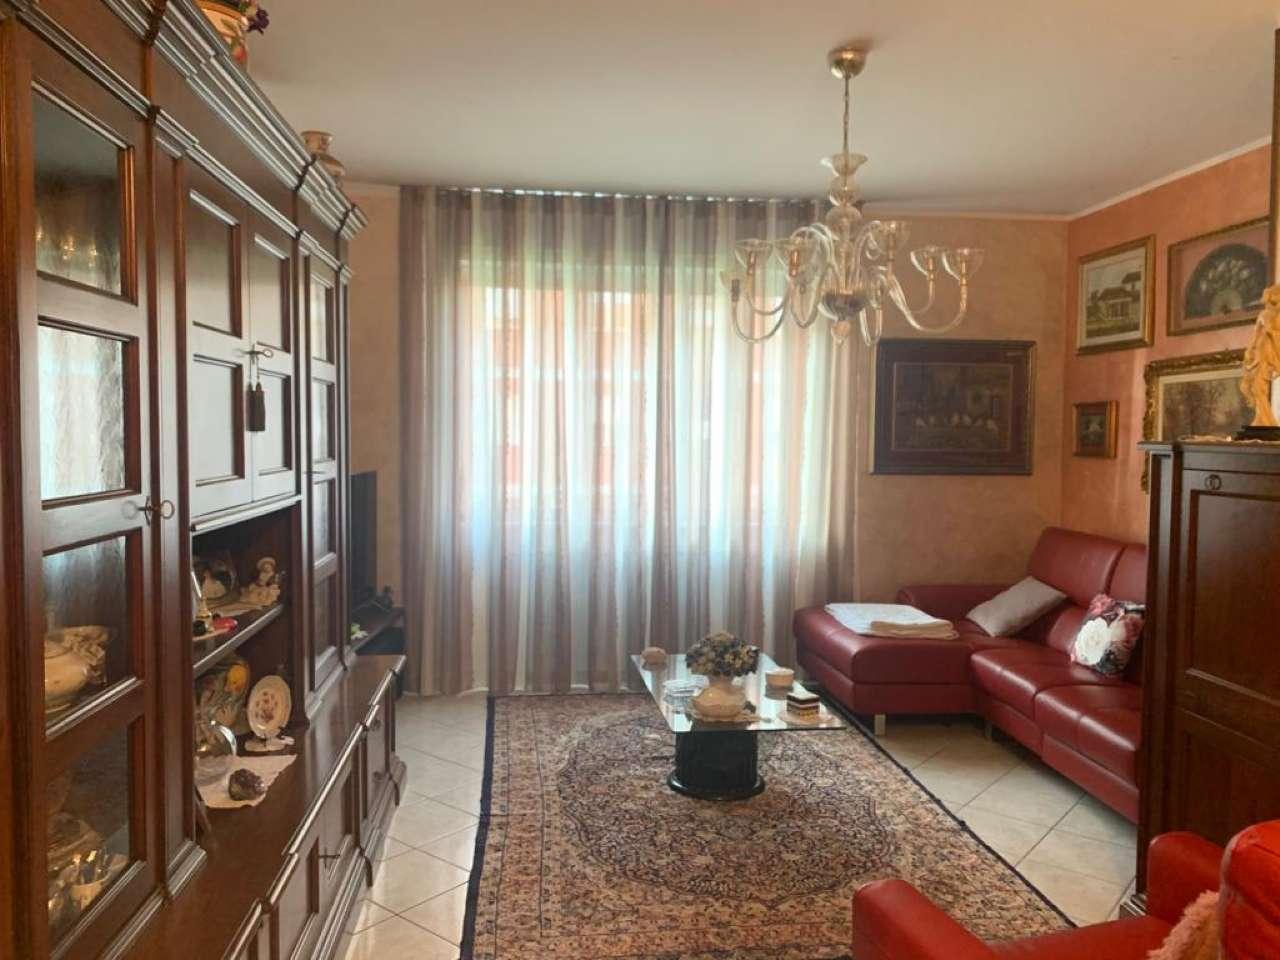 Appartamento in vendita a Cuneo, 4 locali, prezzo € 79.000 | CambioCasa.it